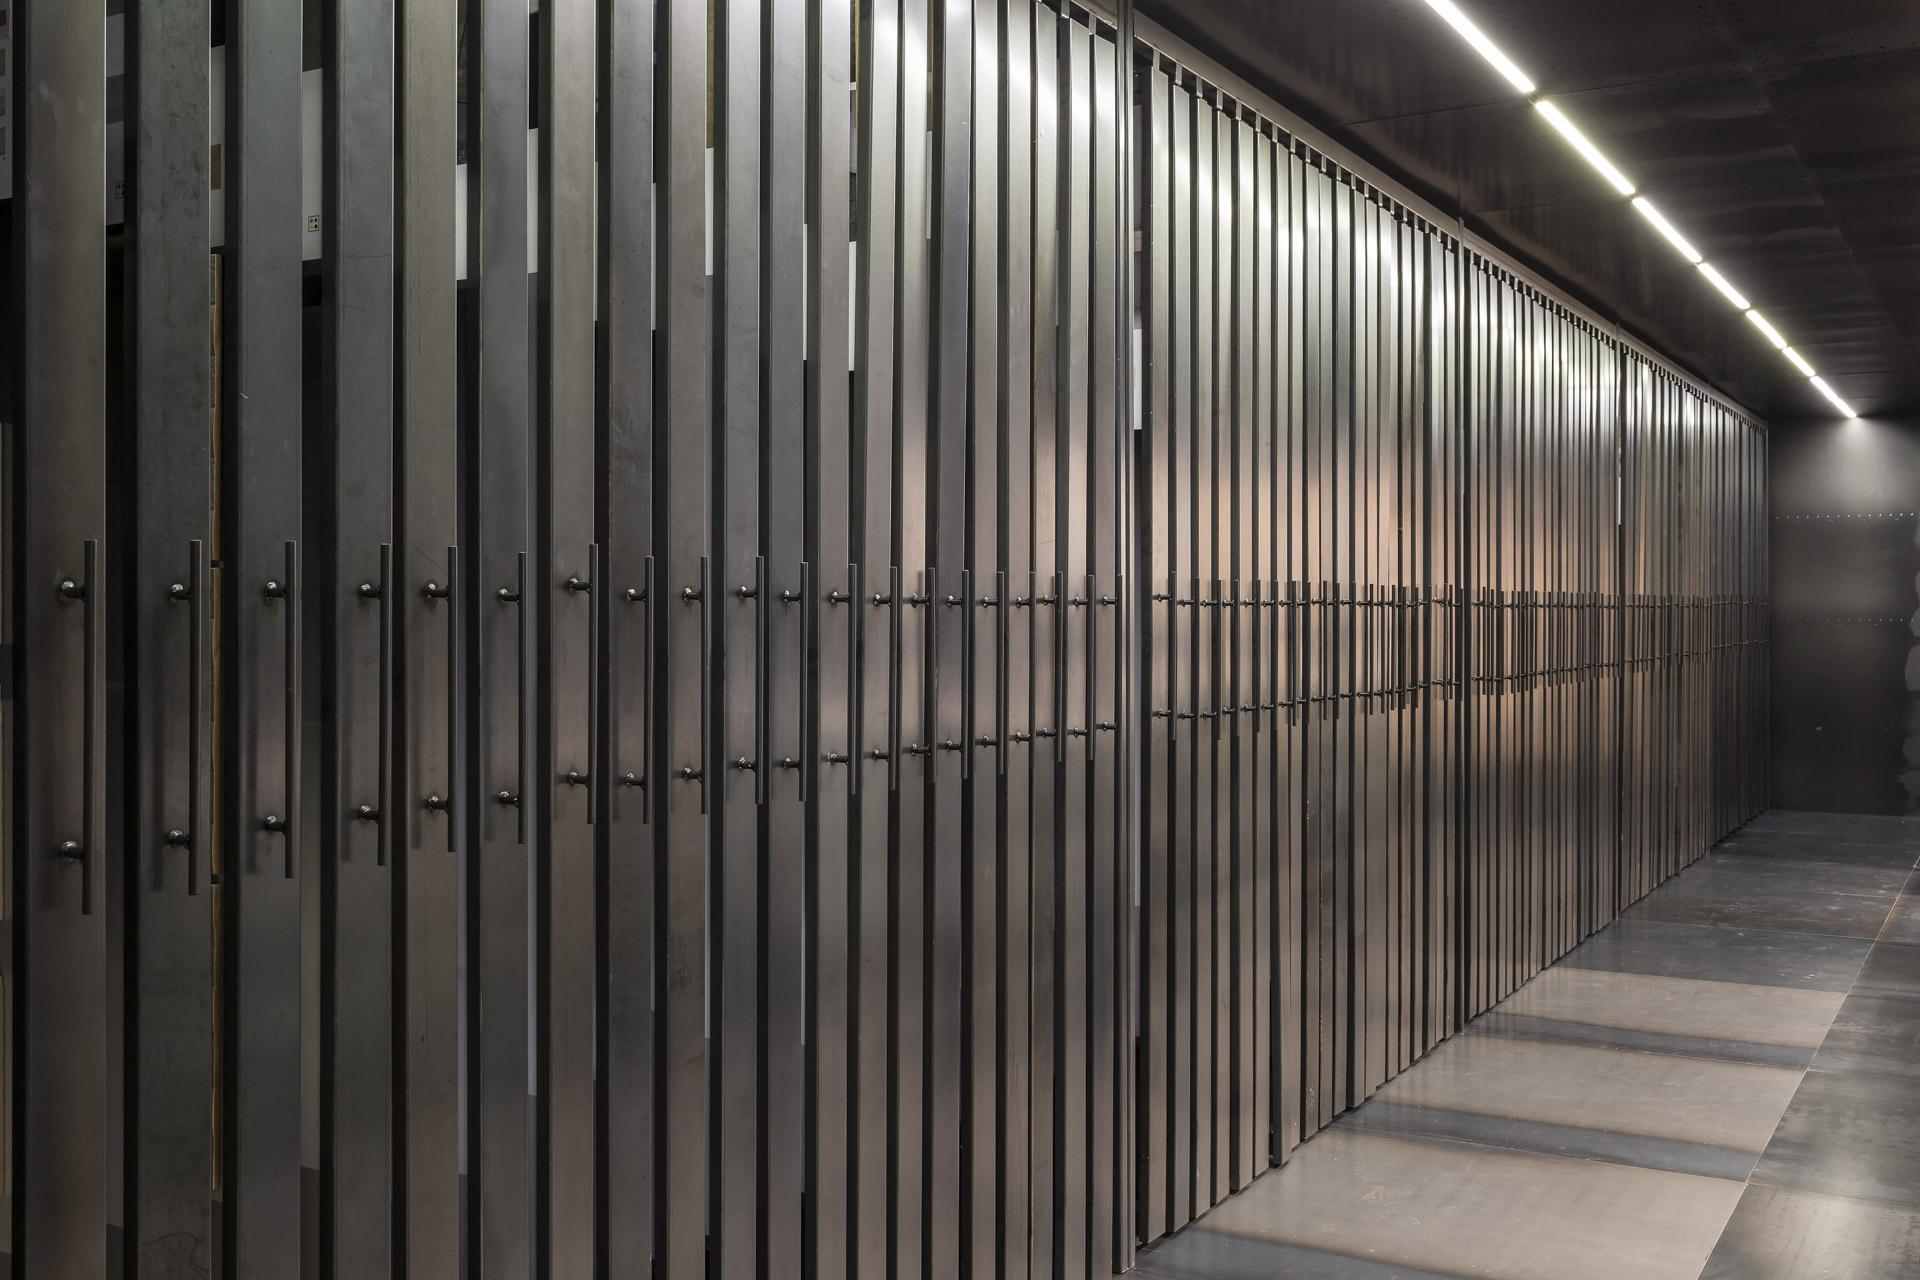 fotografia-arquitectura-valencia-german-cabo-jesus-aparicio-bigmat-cocoon-34